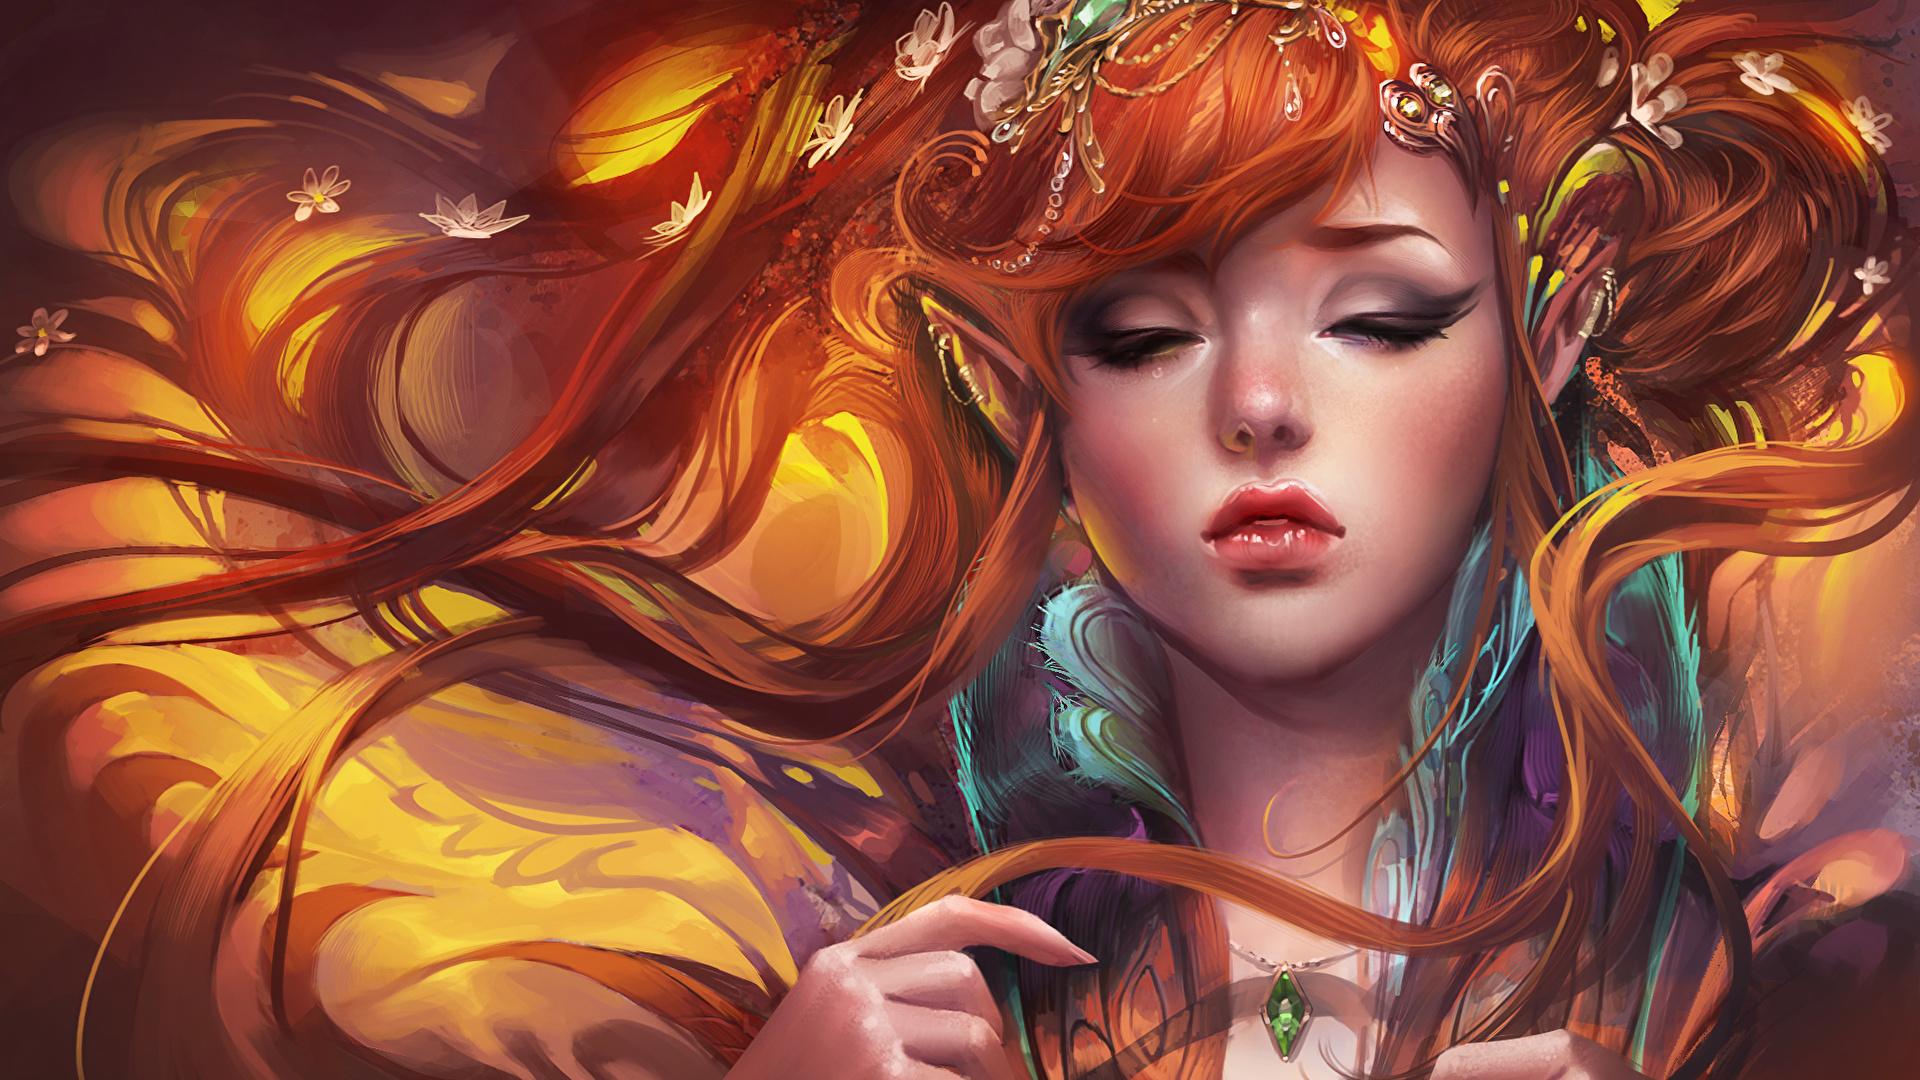 Pretty elf women nude picture